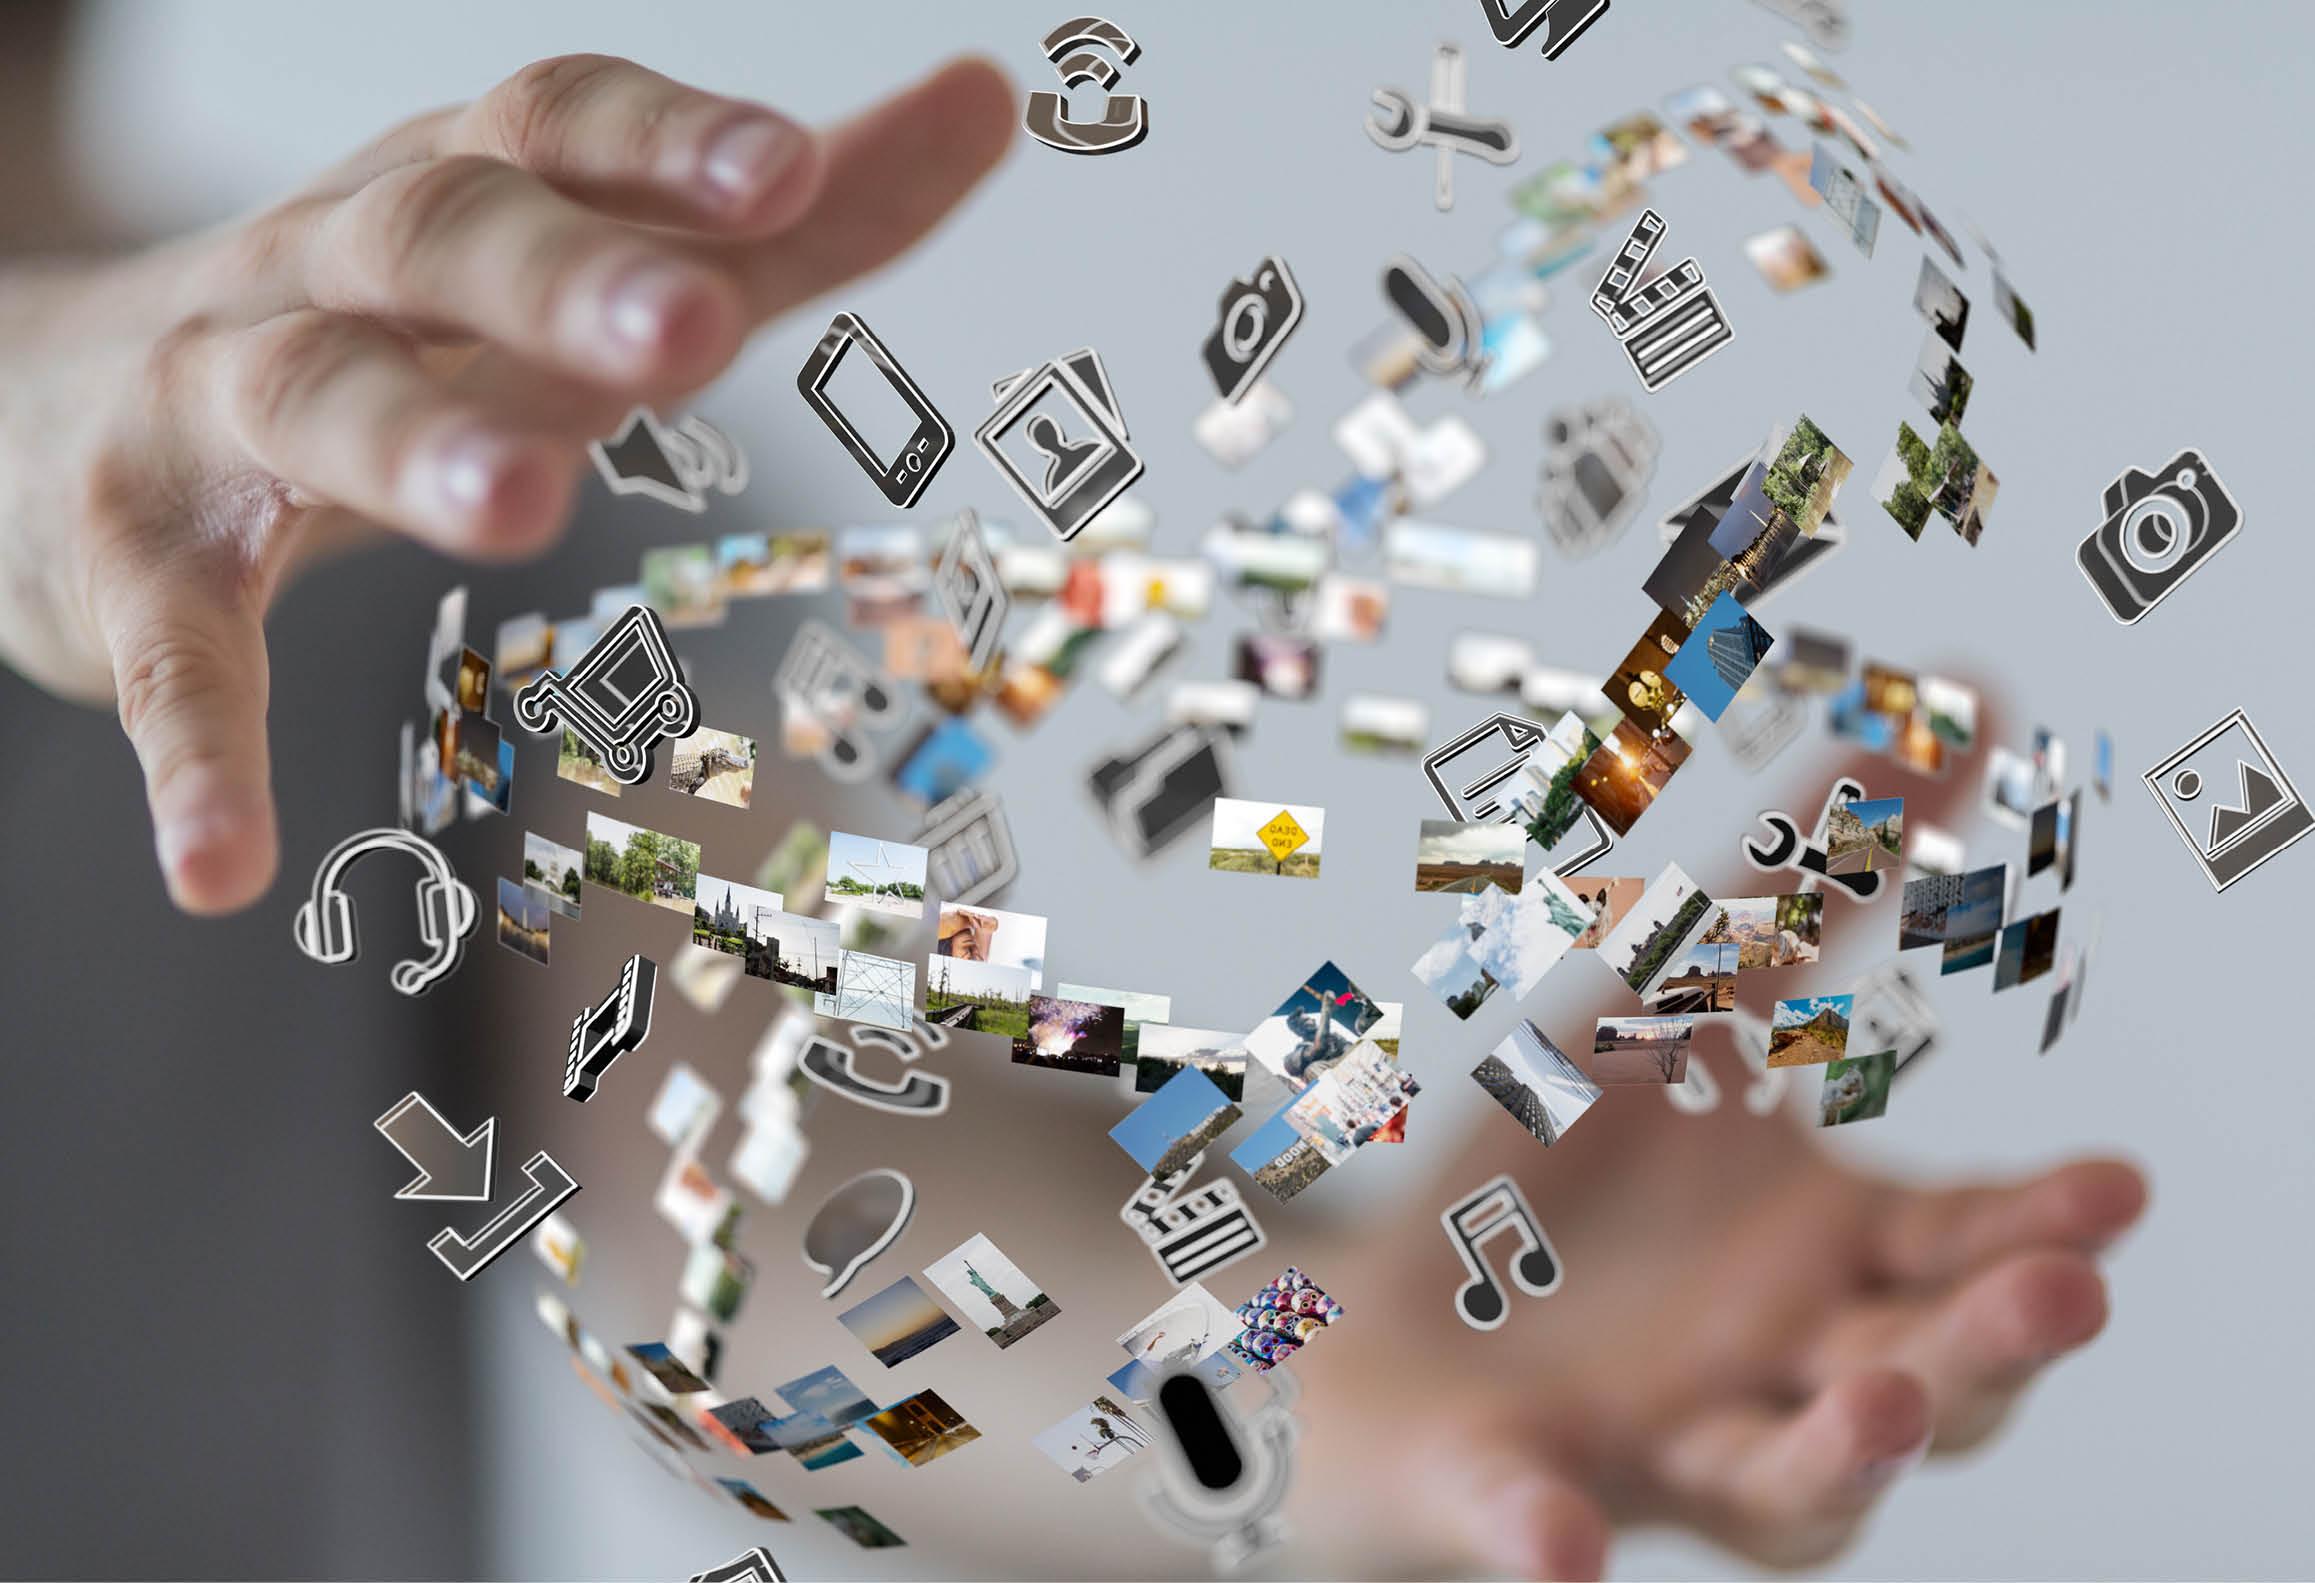 Bild som illustrerar det flöde av kommunikation, information och media som människor skapar